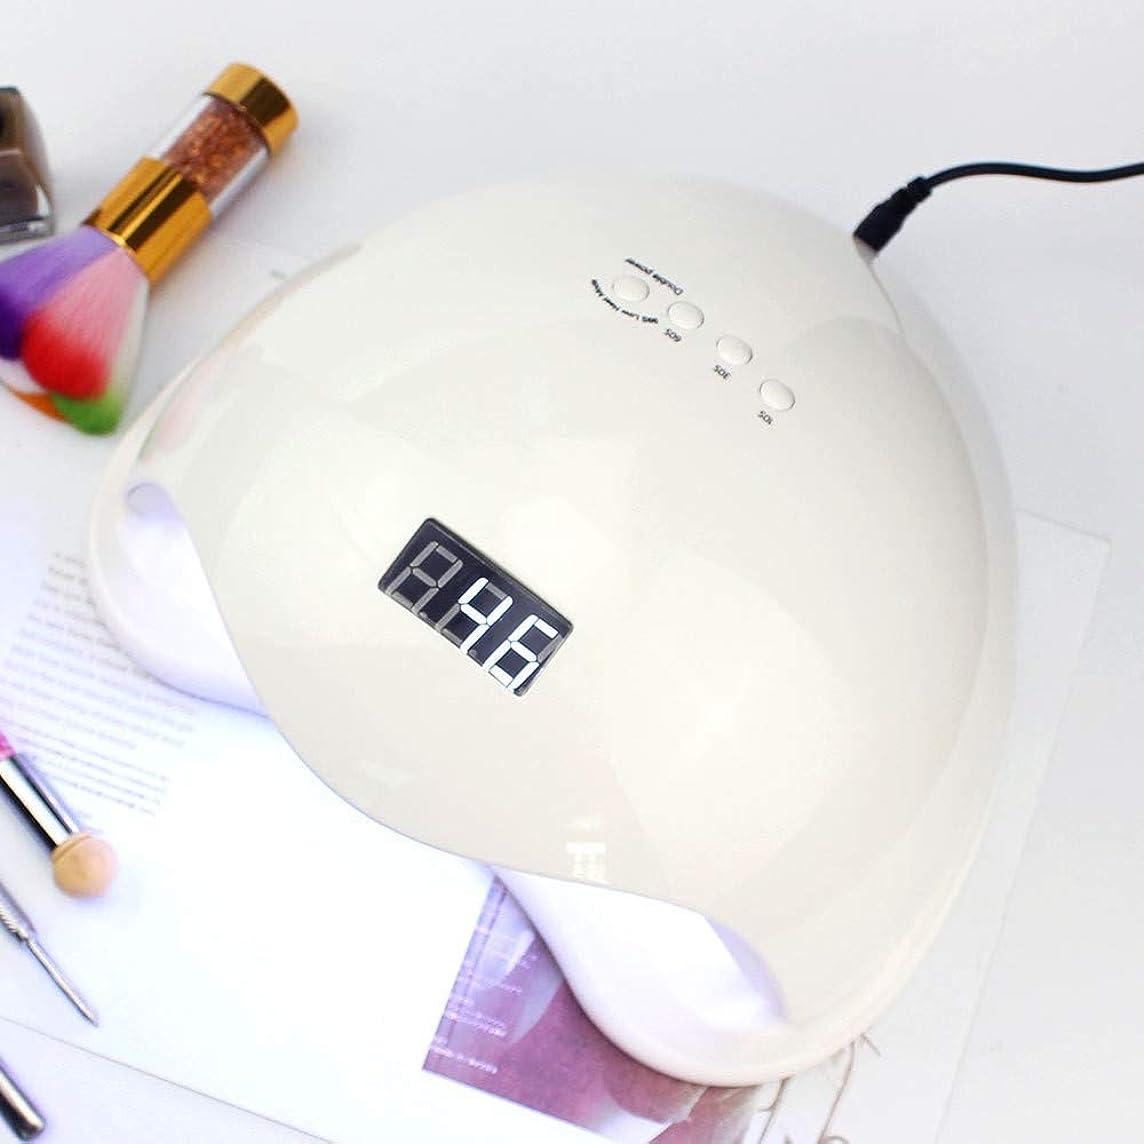 枝キャッシュ二週間ネイルドライヤー48W UV LEDネイルライト4タイマーセットプロのマニキュア硬化ランプ初心者の家族やサロンに適しています